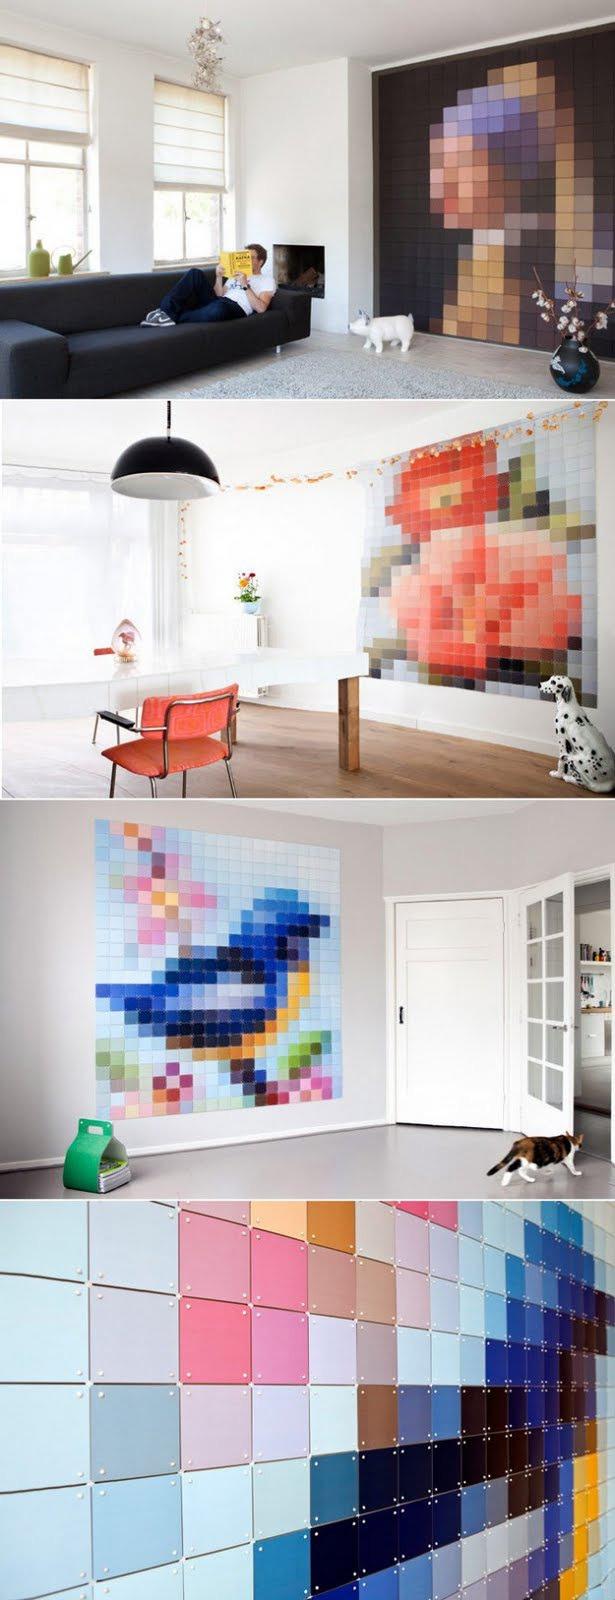 Pixeles fal - Van Gogh-ot vagy esetleg absztrakt képet parancsolsz? - Inspirációk Magazin